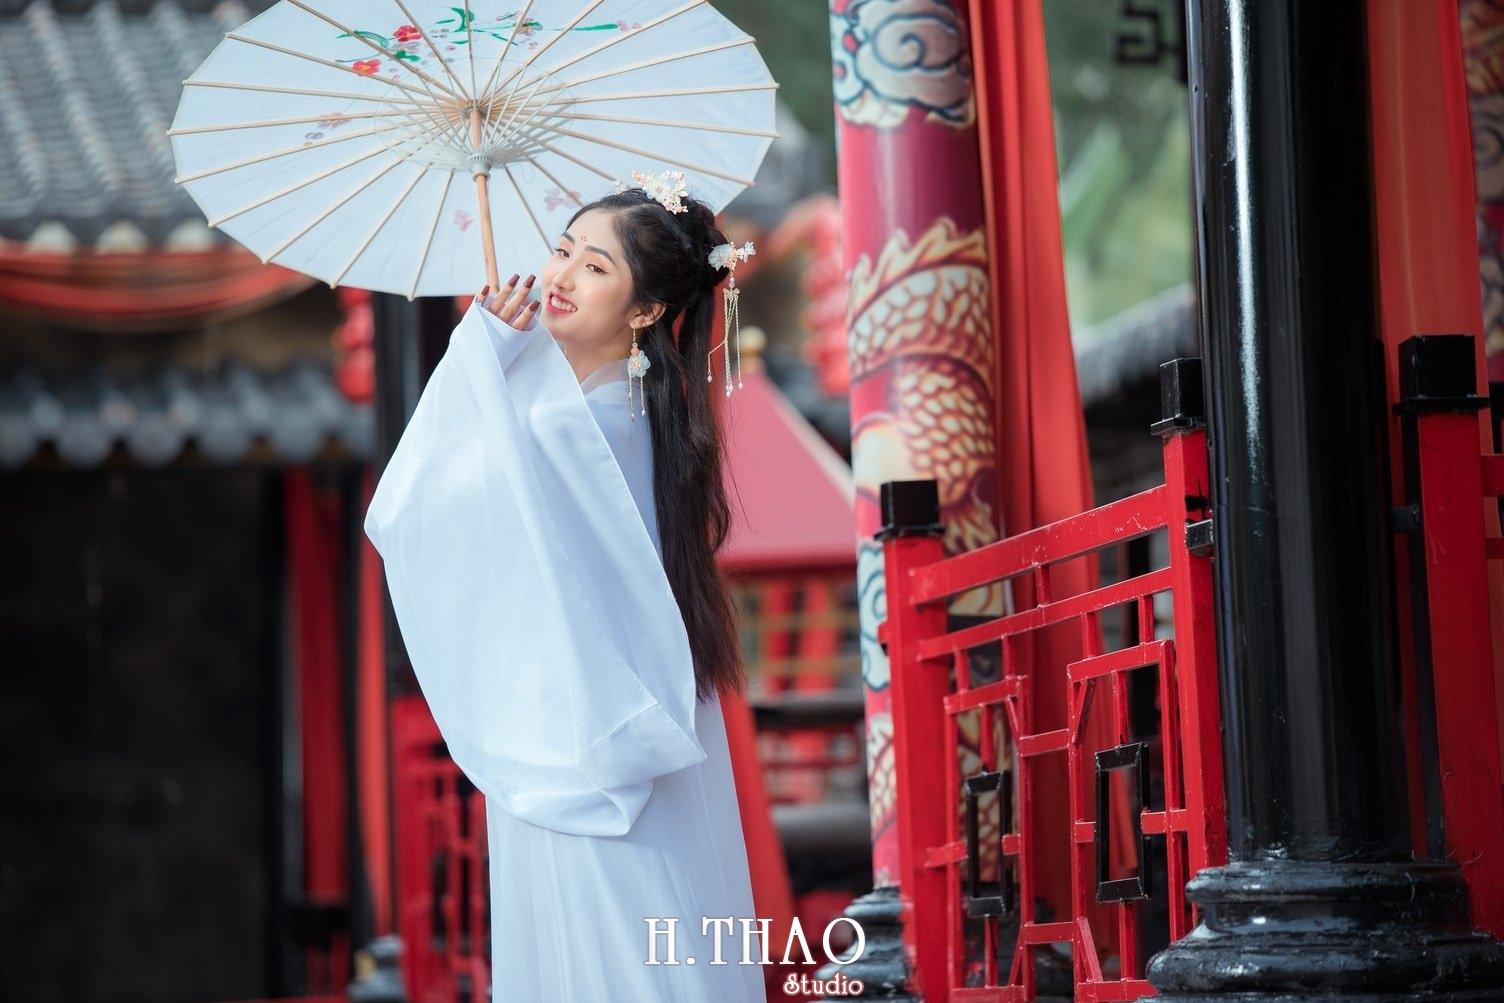 Anh tieu long nu 9 - Bộ ảnh cổ trang chụp theo concept tiểu long nữ nhẹ nhàng - HThao Studio